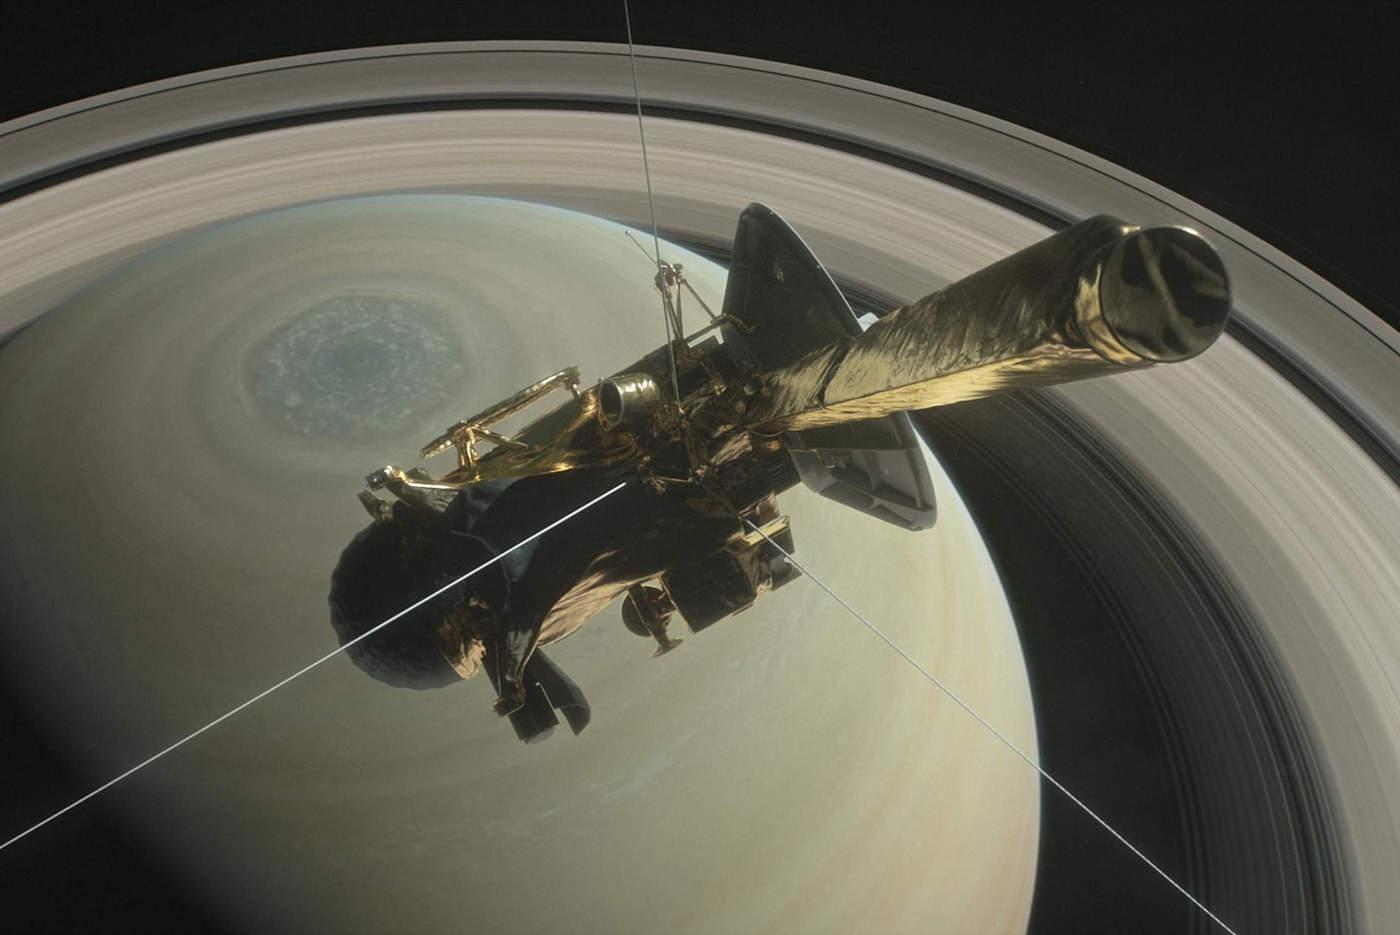 Un grupo de investigadores determinó que la duración de un día en Saturno es de 10 horas, 33 minutos y 38 segundos. (ARCHIVO)